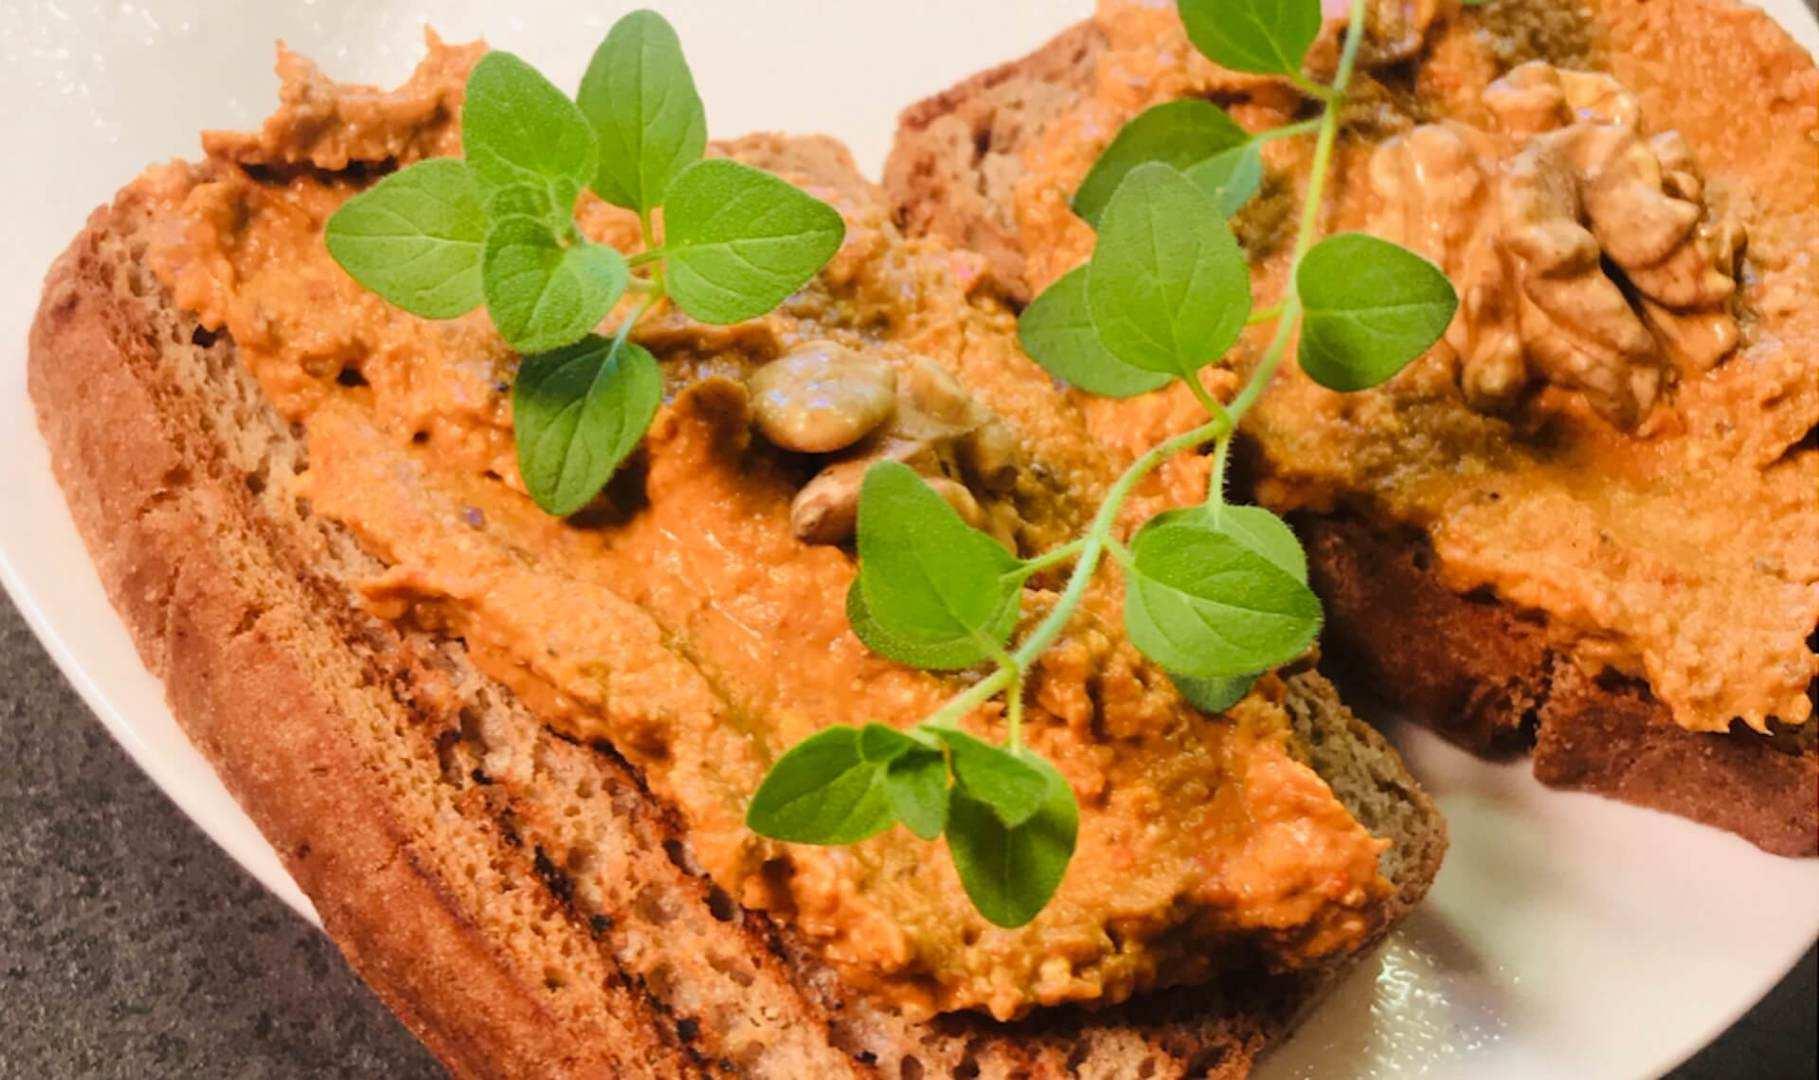 Pasta warzywno-orzechowa bezglutenowa kuchnia wega艅ska Atelier Smaku